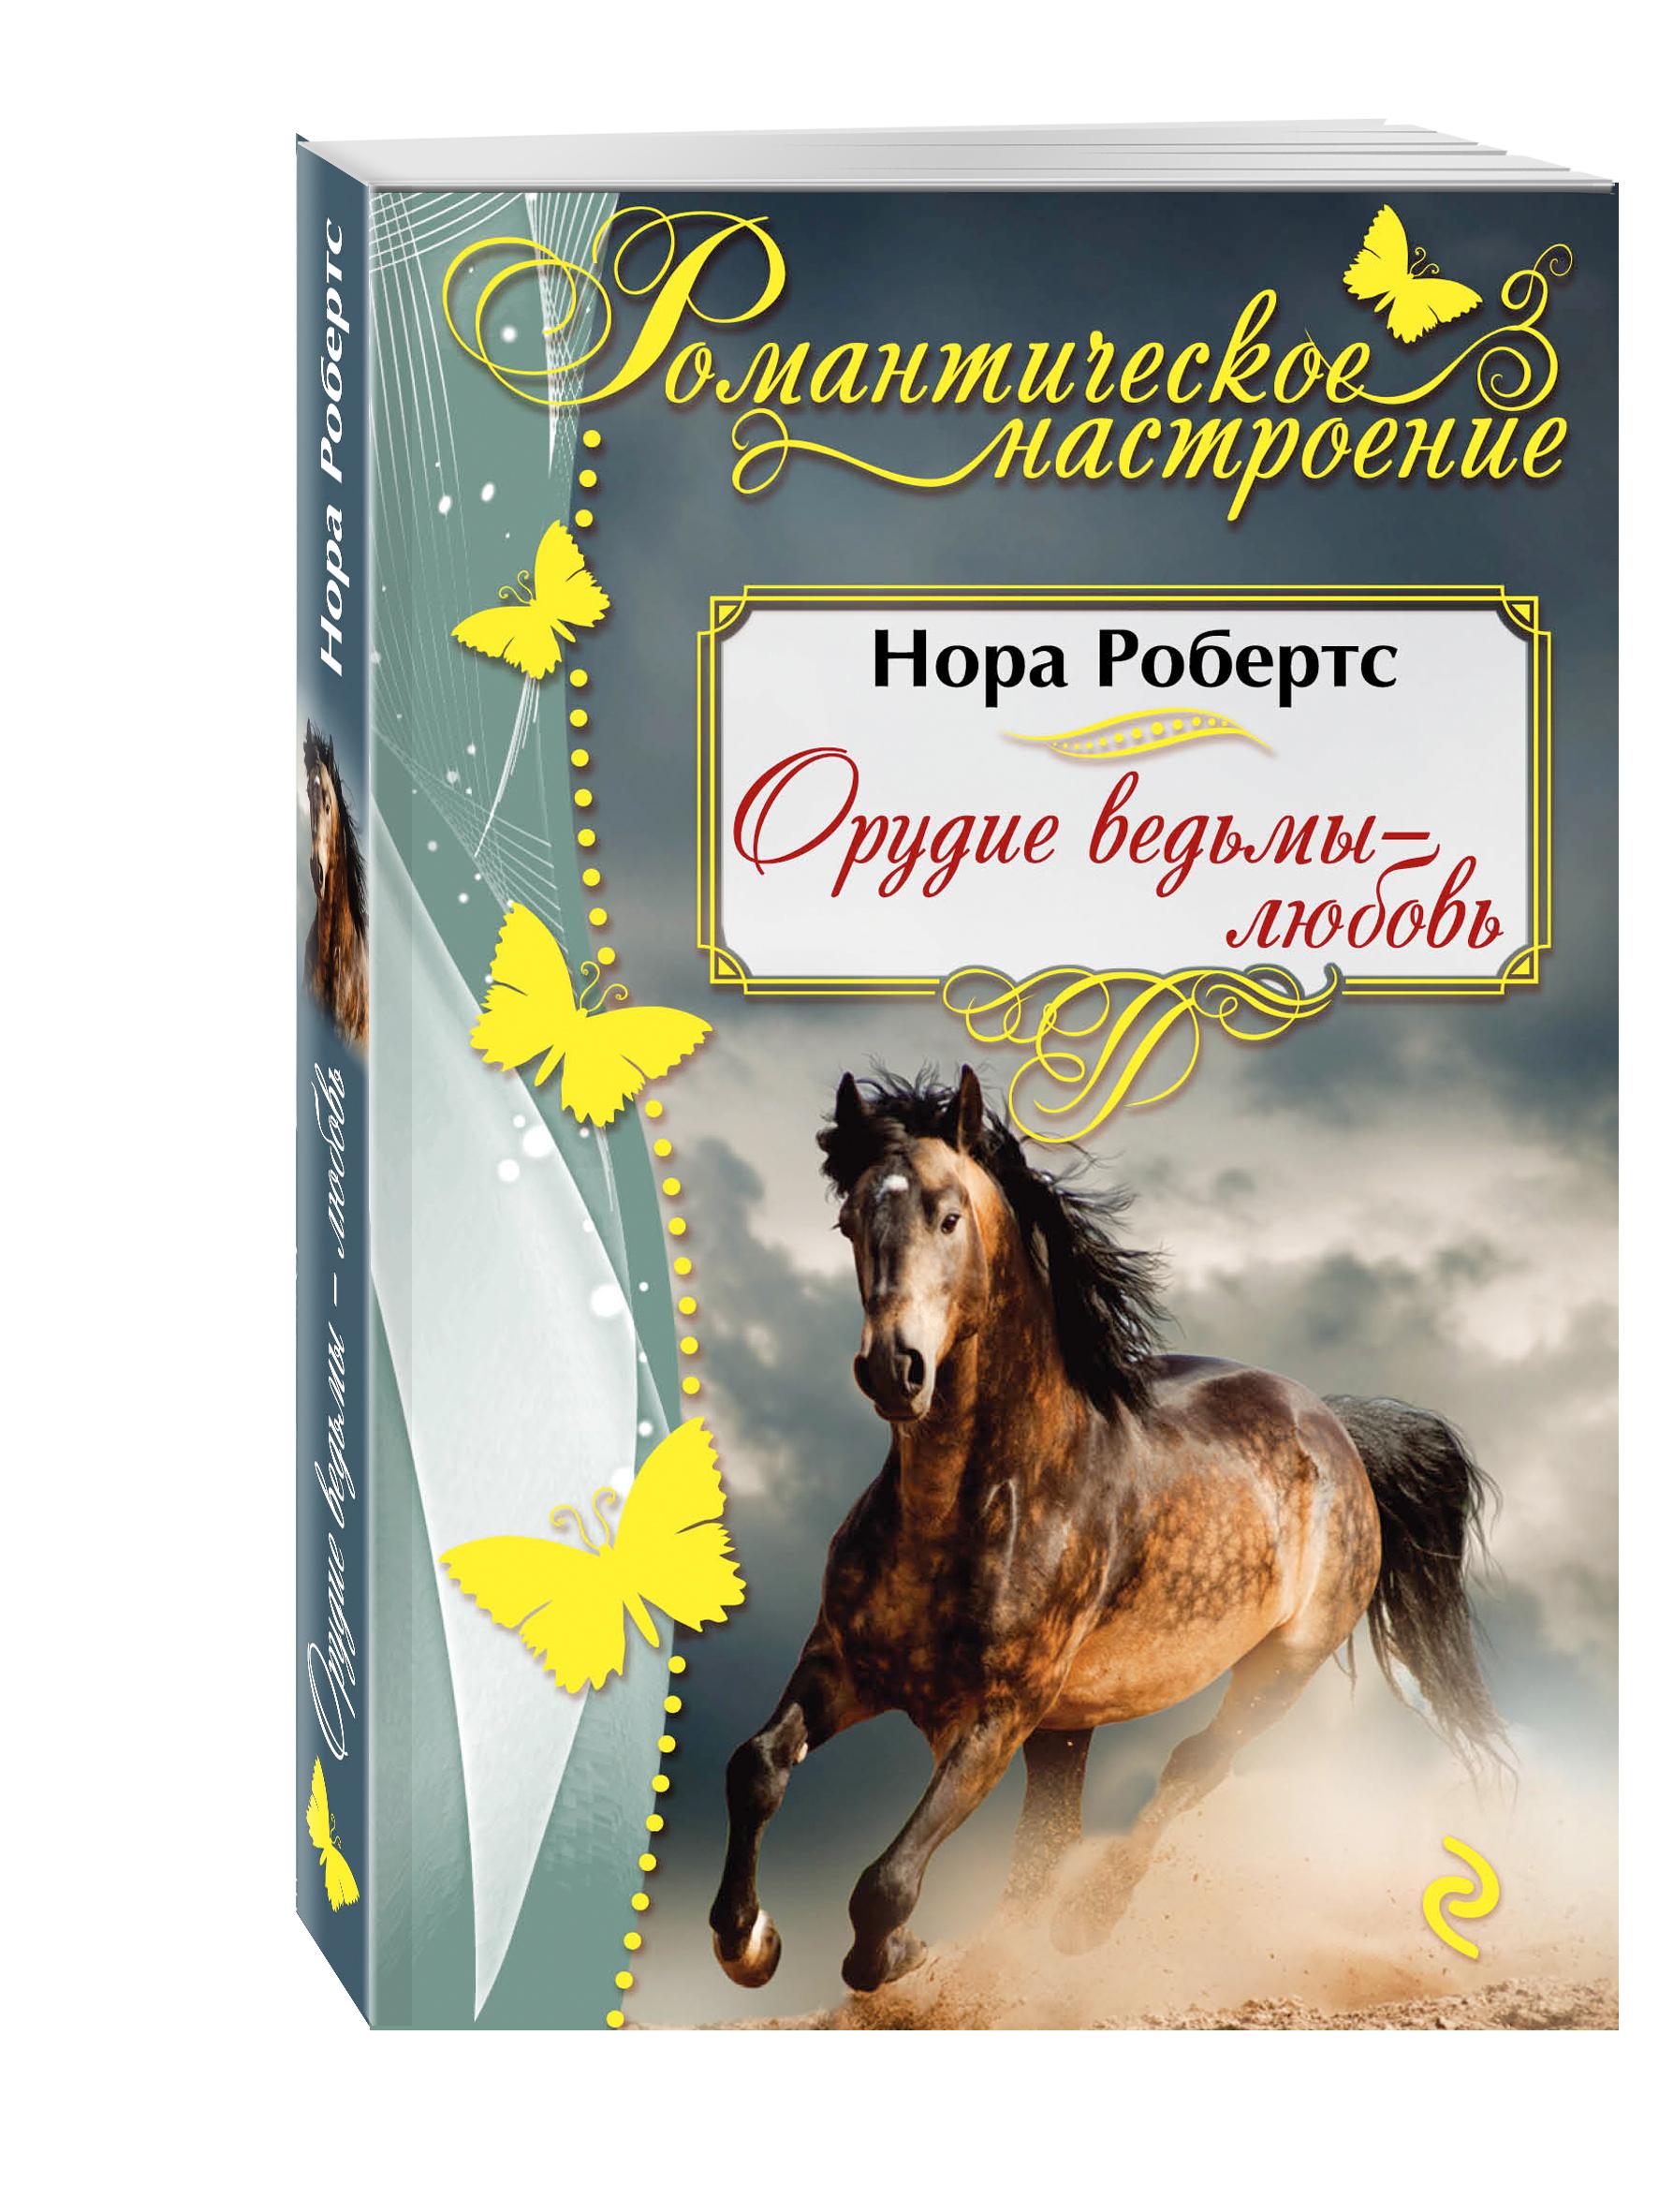 Робертс Н. Орудие ведьмы - любовь орудие ведьмы любовь